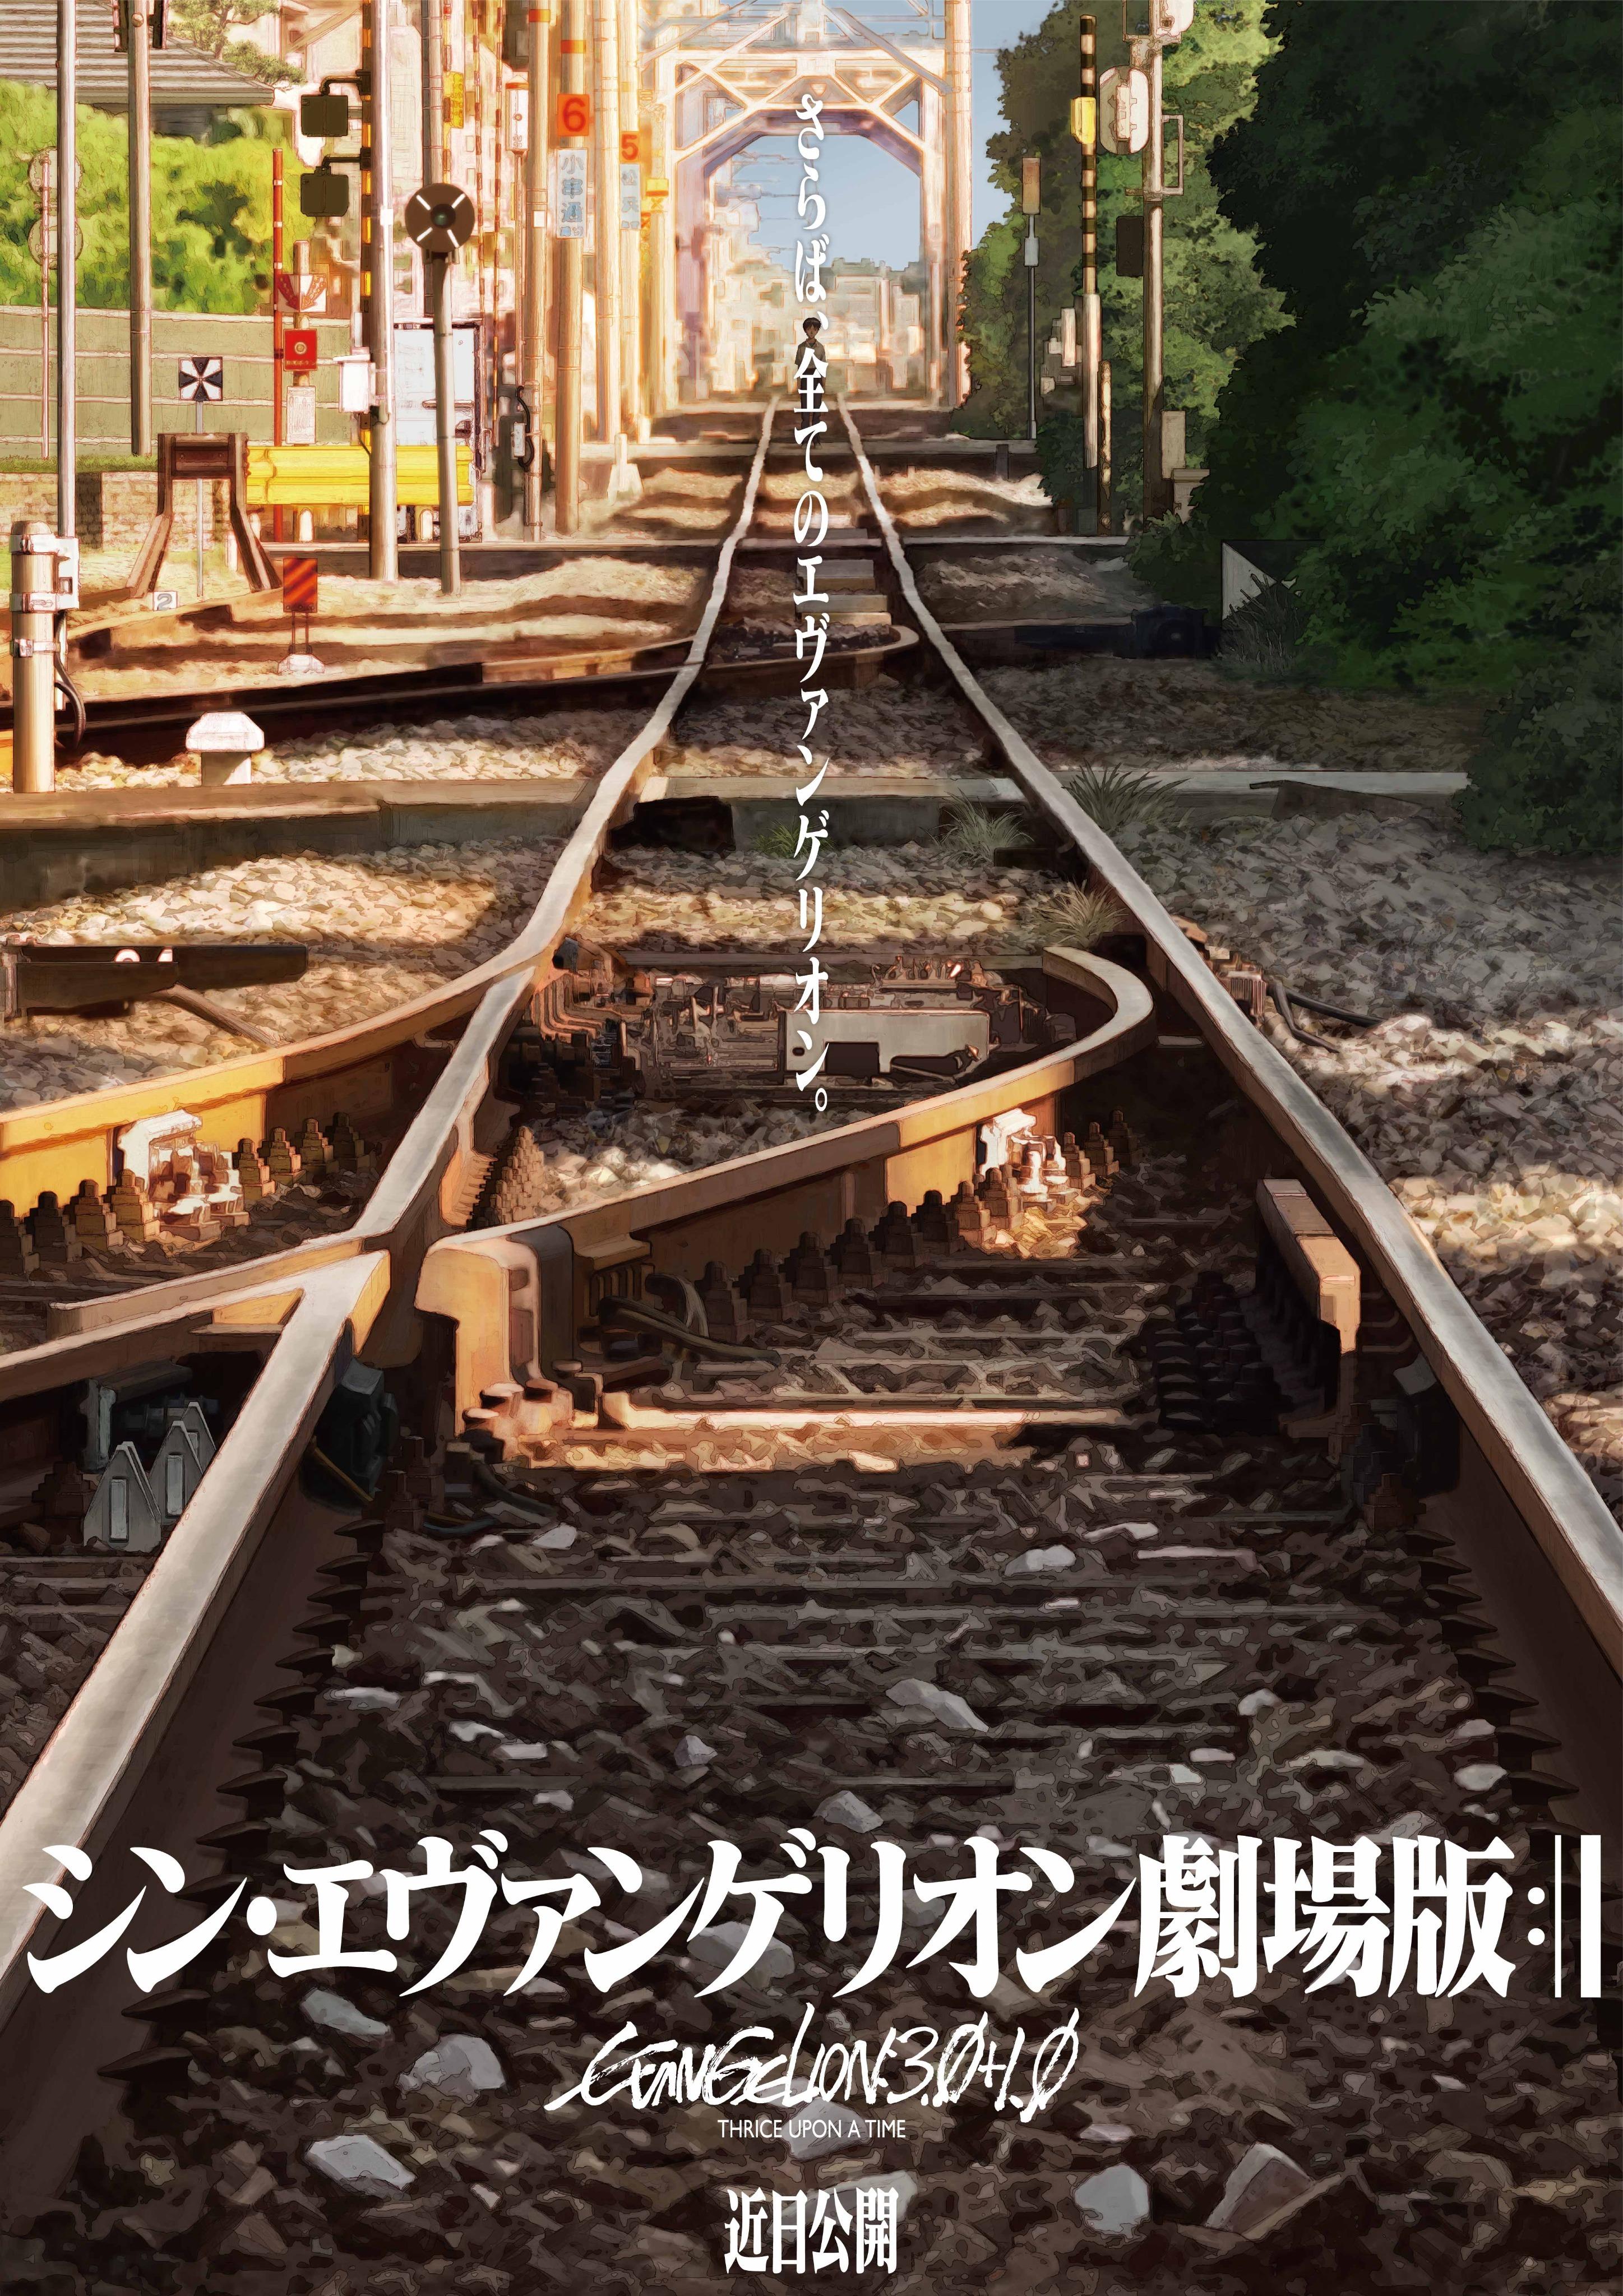 福音战士新剧场版:│▌ 福音战士新剧场版最终章 延期上映